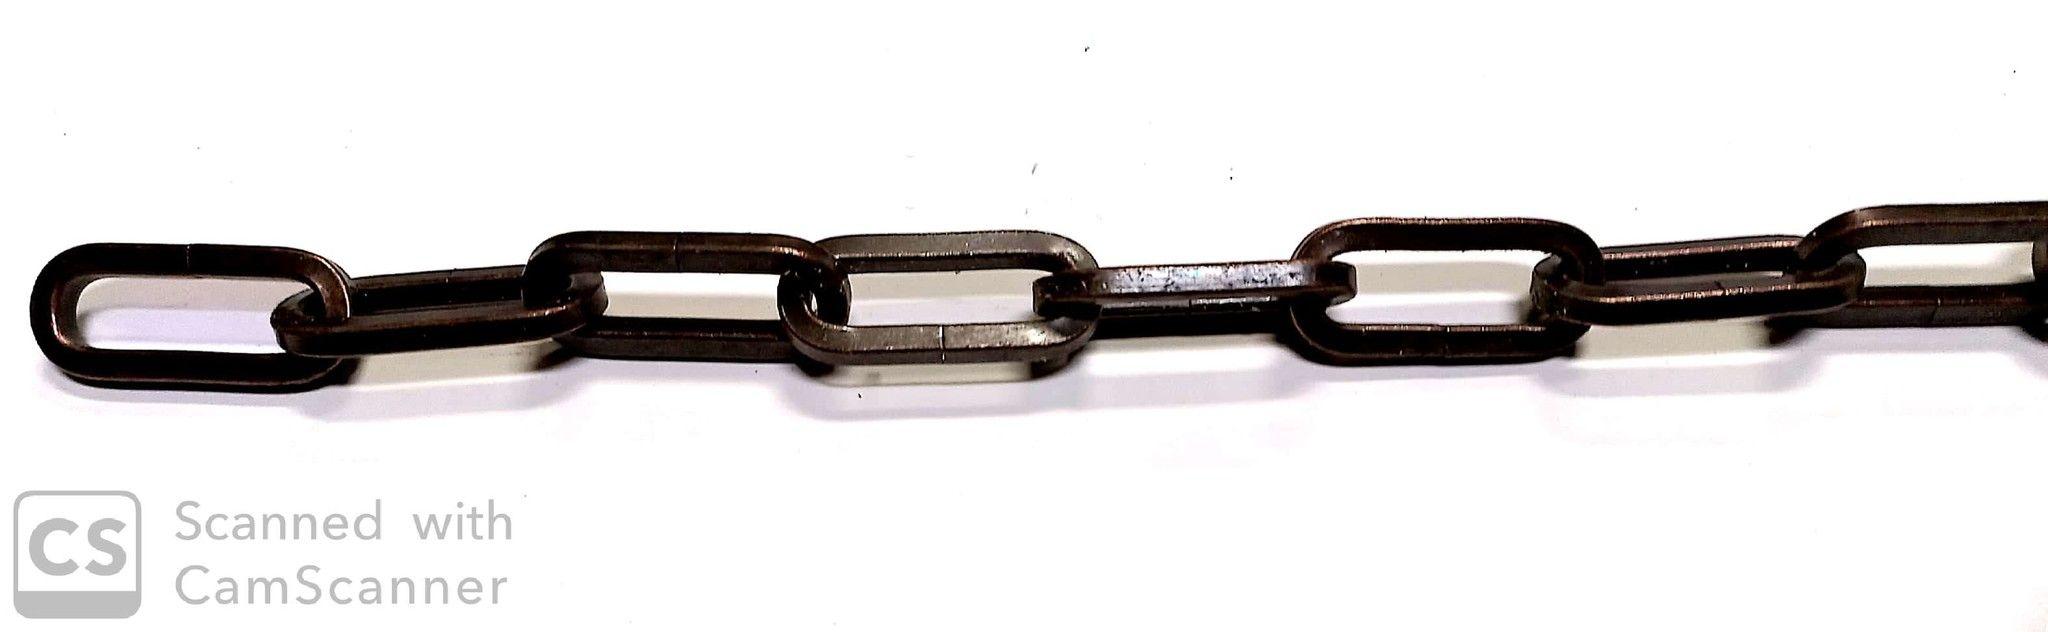 Catena GENOVESE DECORATIVA rame antico anello mm 50x20 spessore 5.0